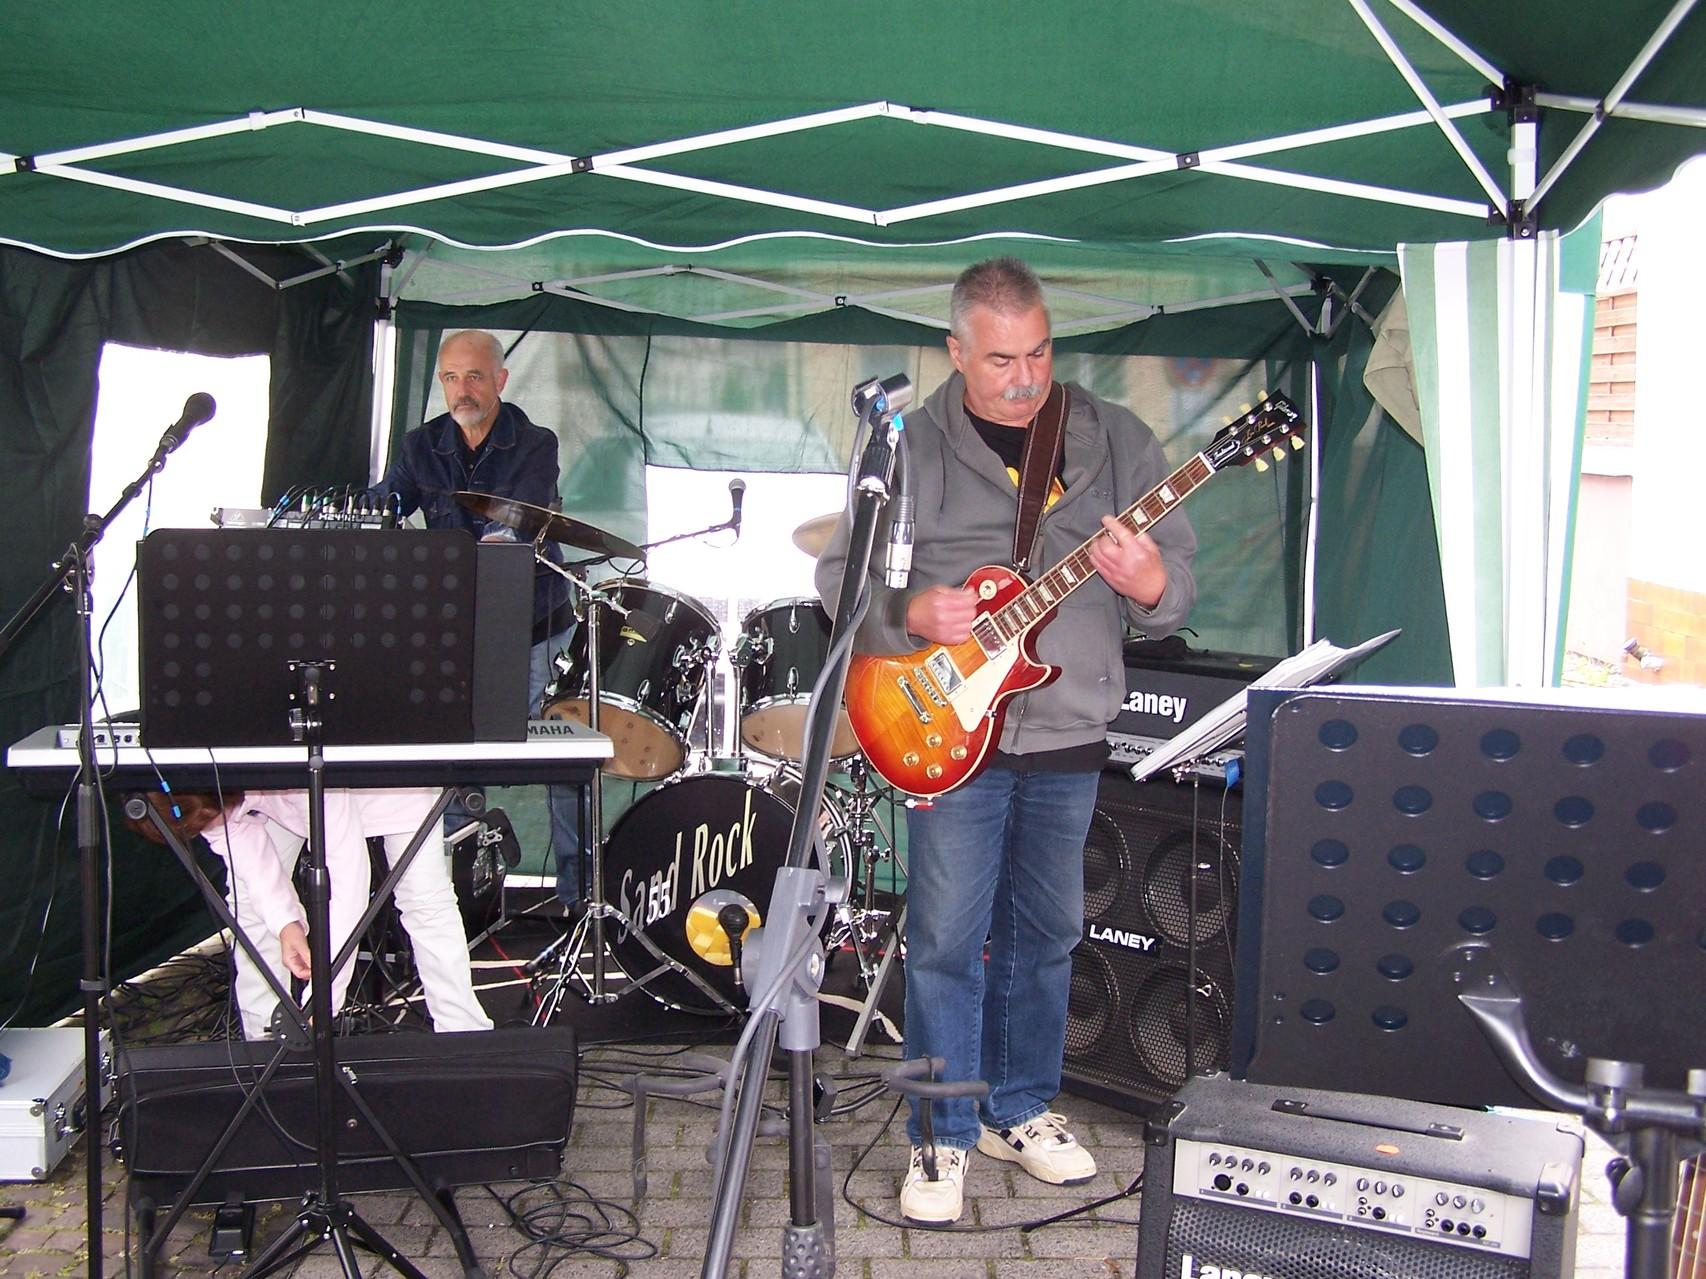 Wolfgang und Uwe beim Soundcheck (2014)